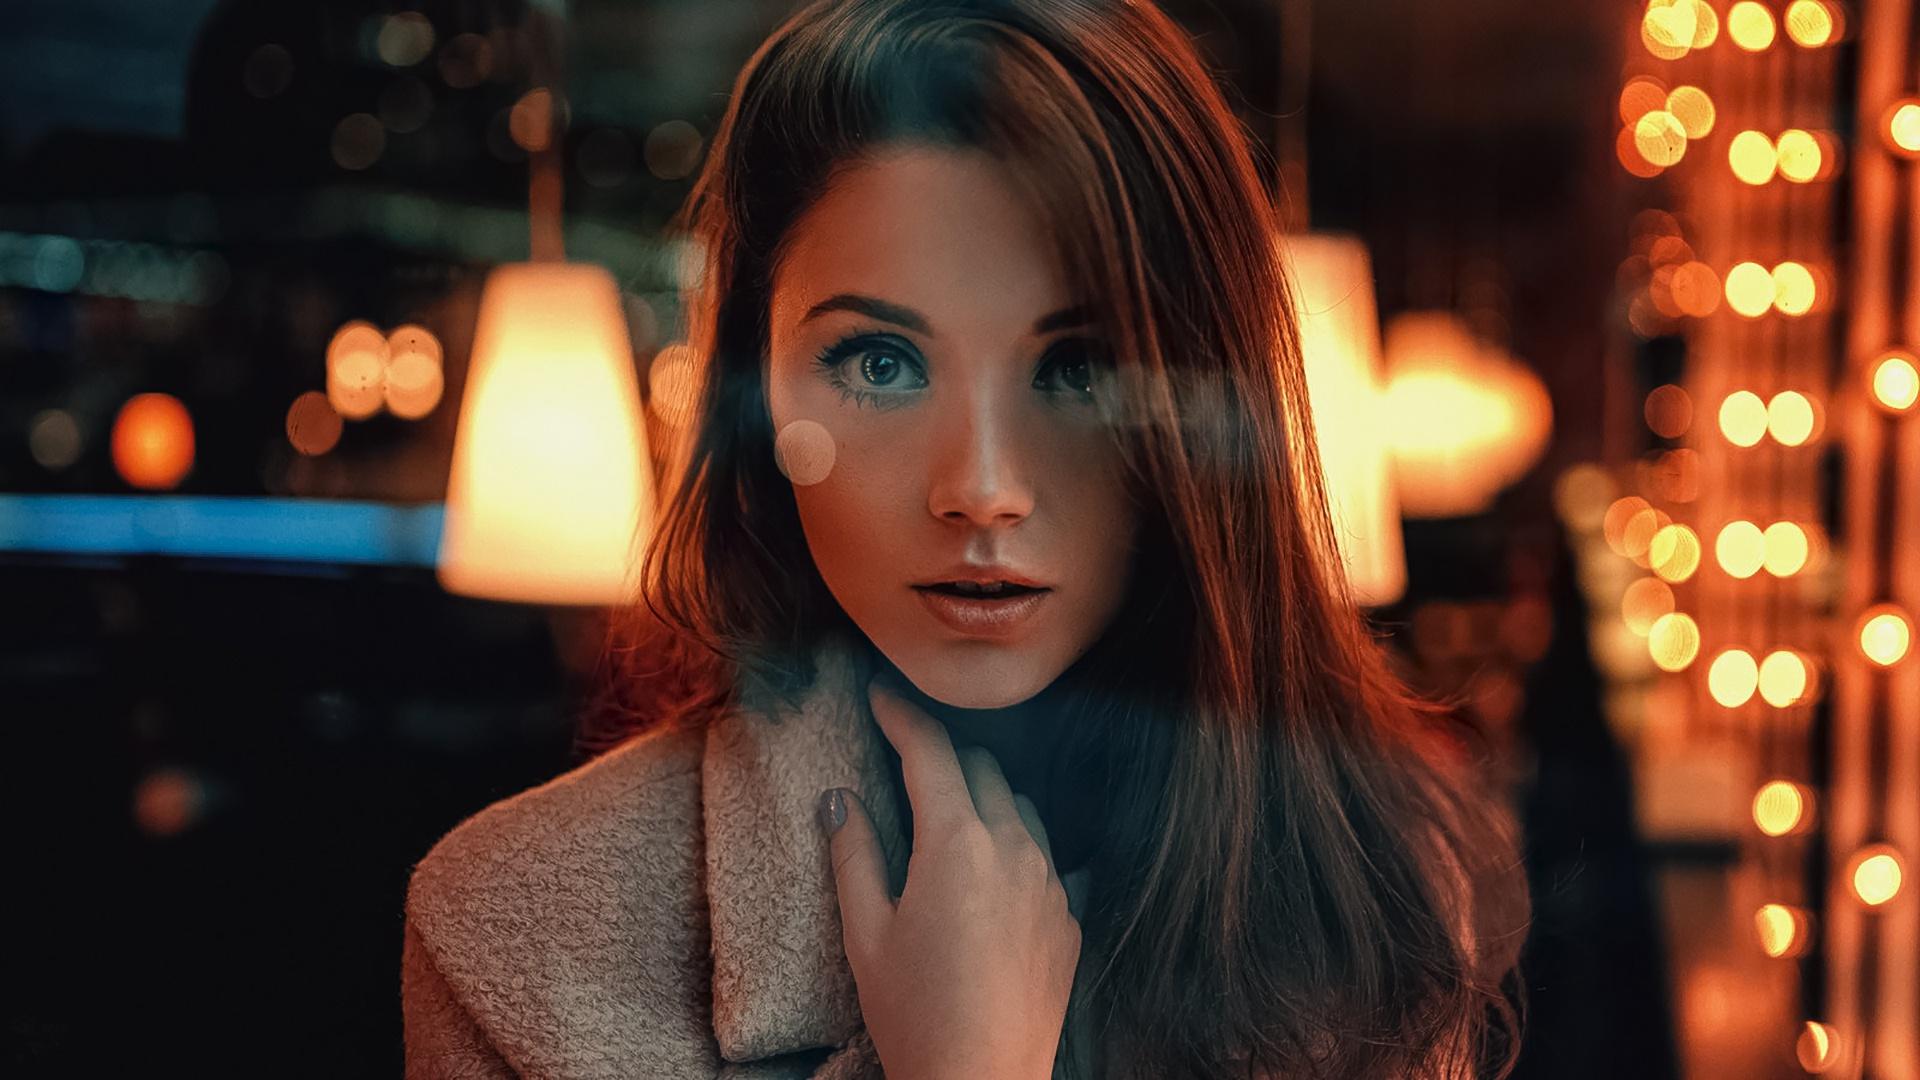 Brunette Face Girl Light Model Woman 1920x1080